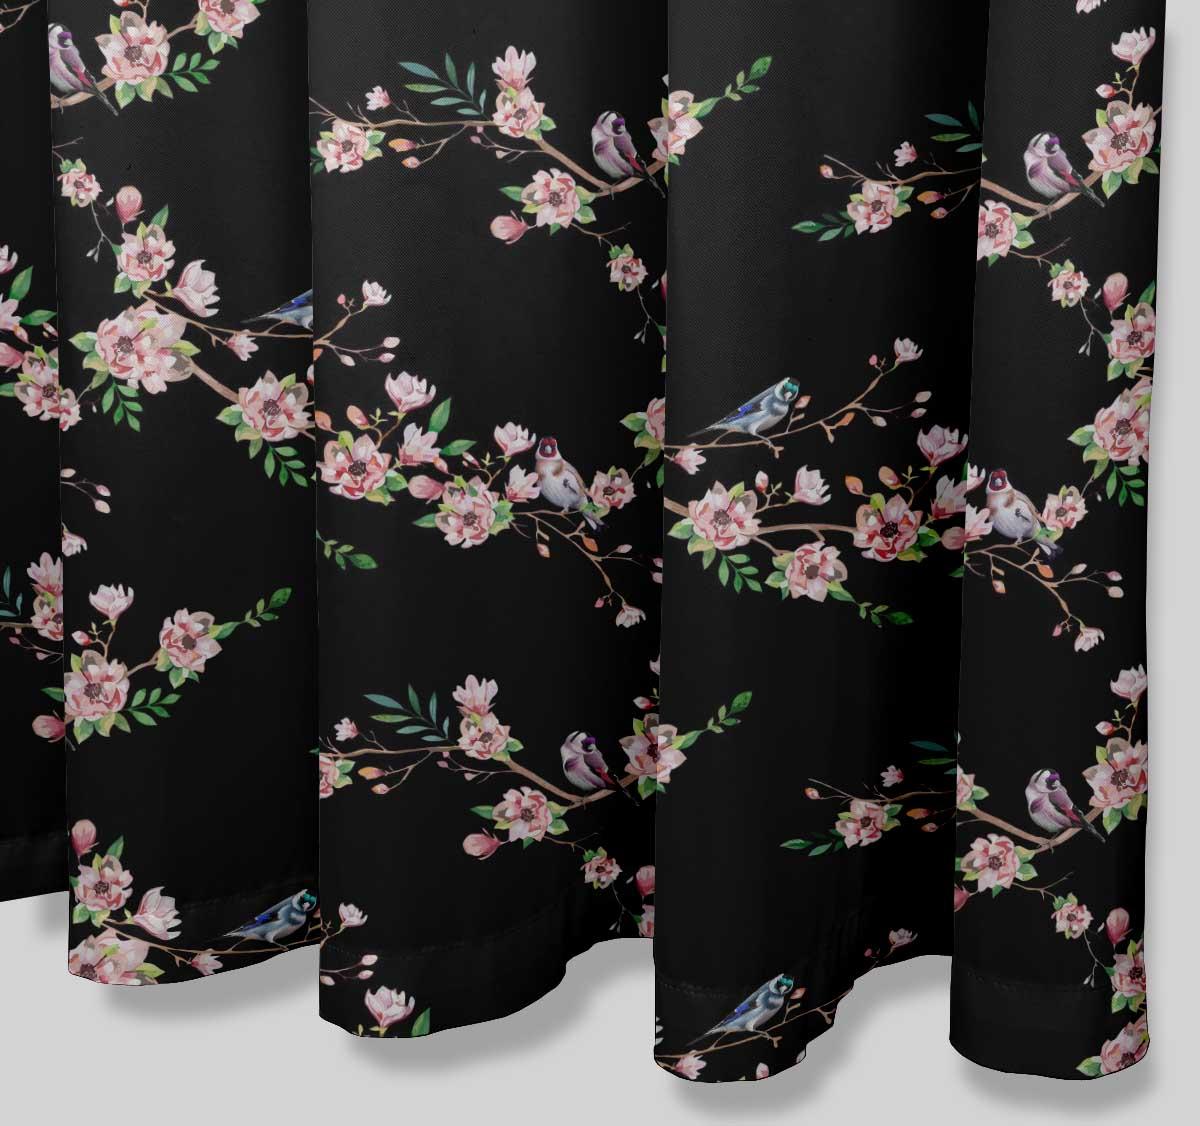 miniature 17 - S4Sassy Noir fleur et chardonneret oiseau rideaux de douche imprim?s-JpP